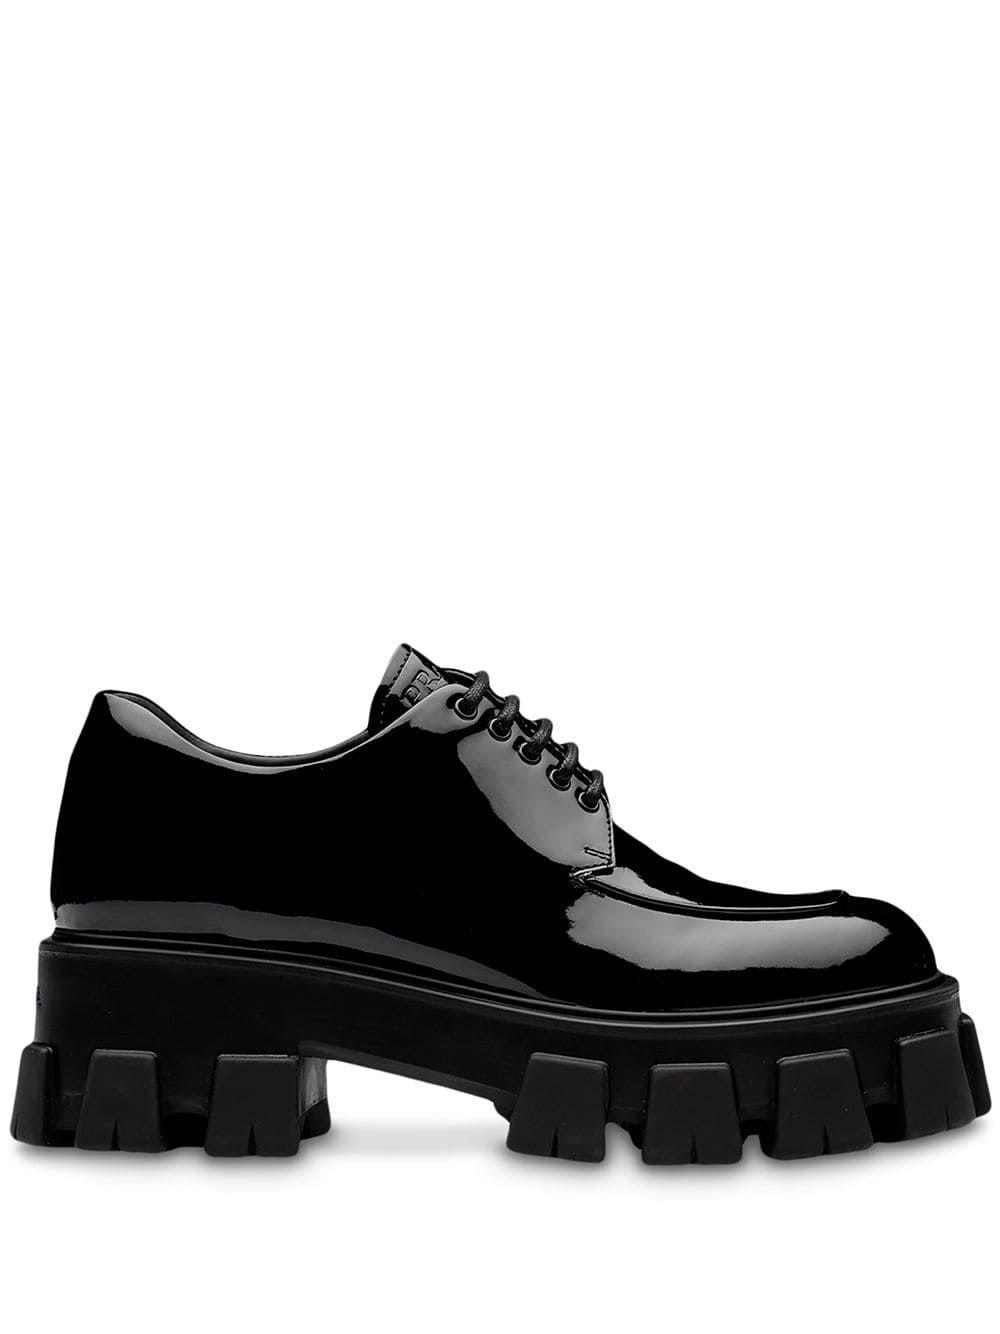 Prada Platform Derby Shoes - Farfetch